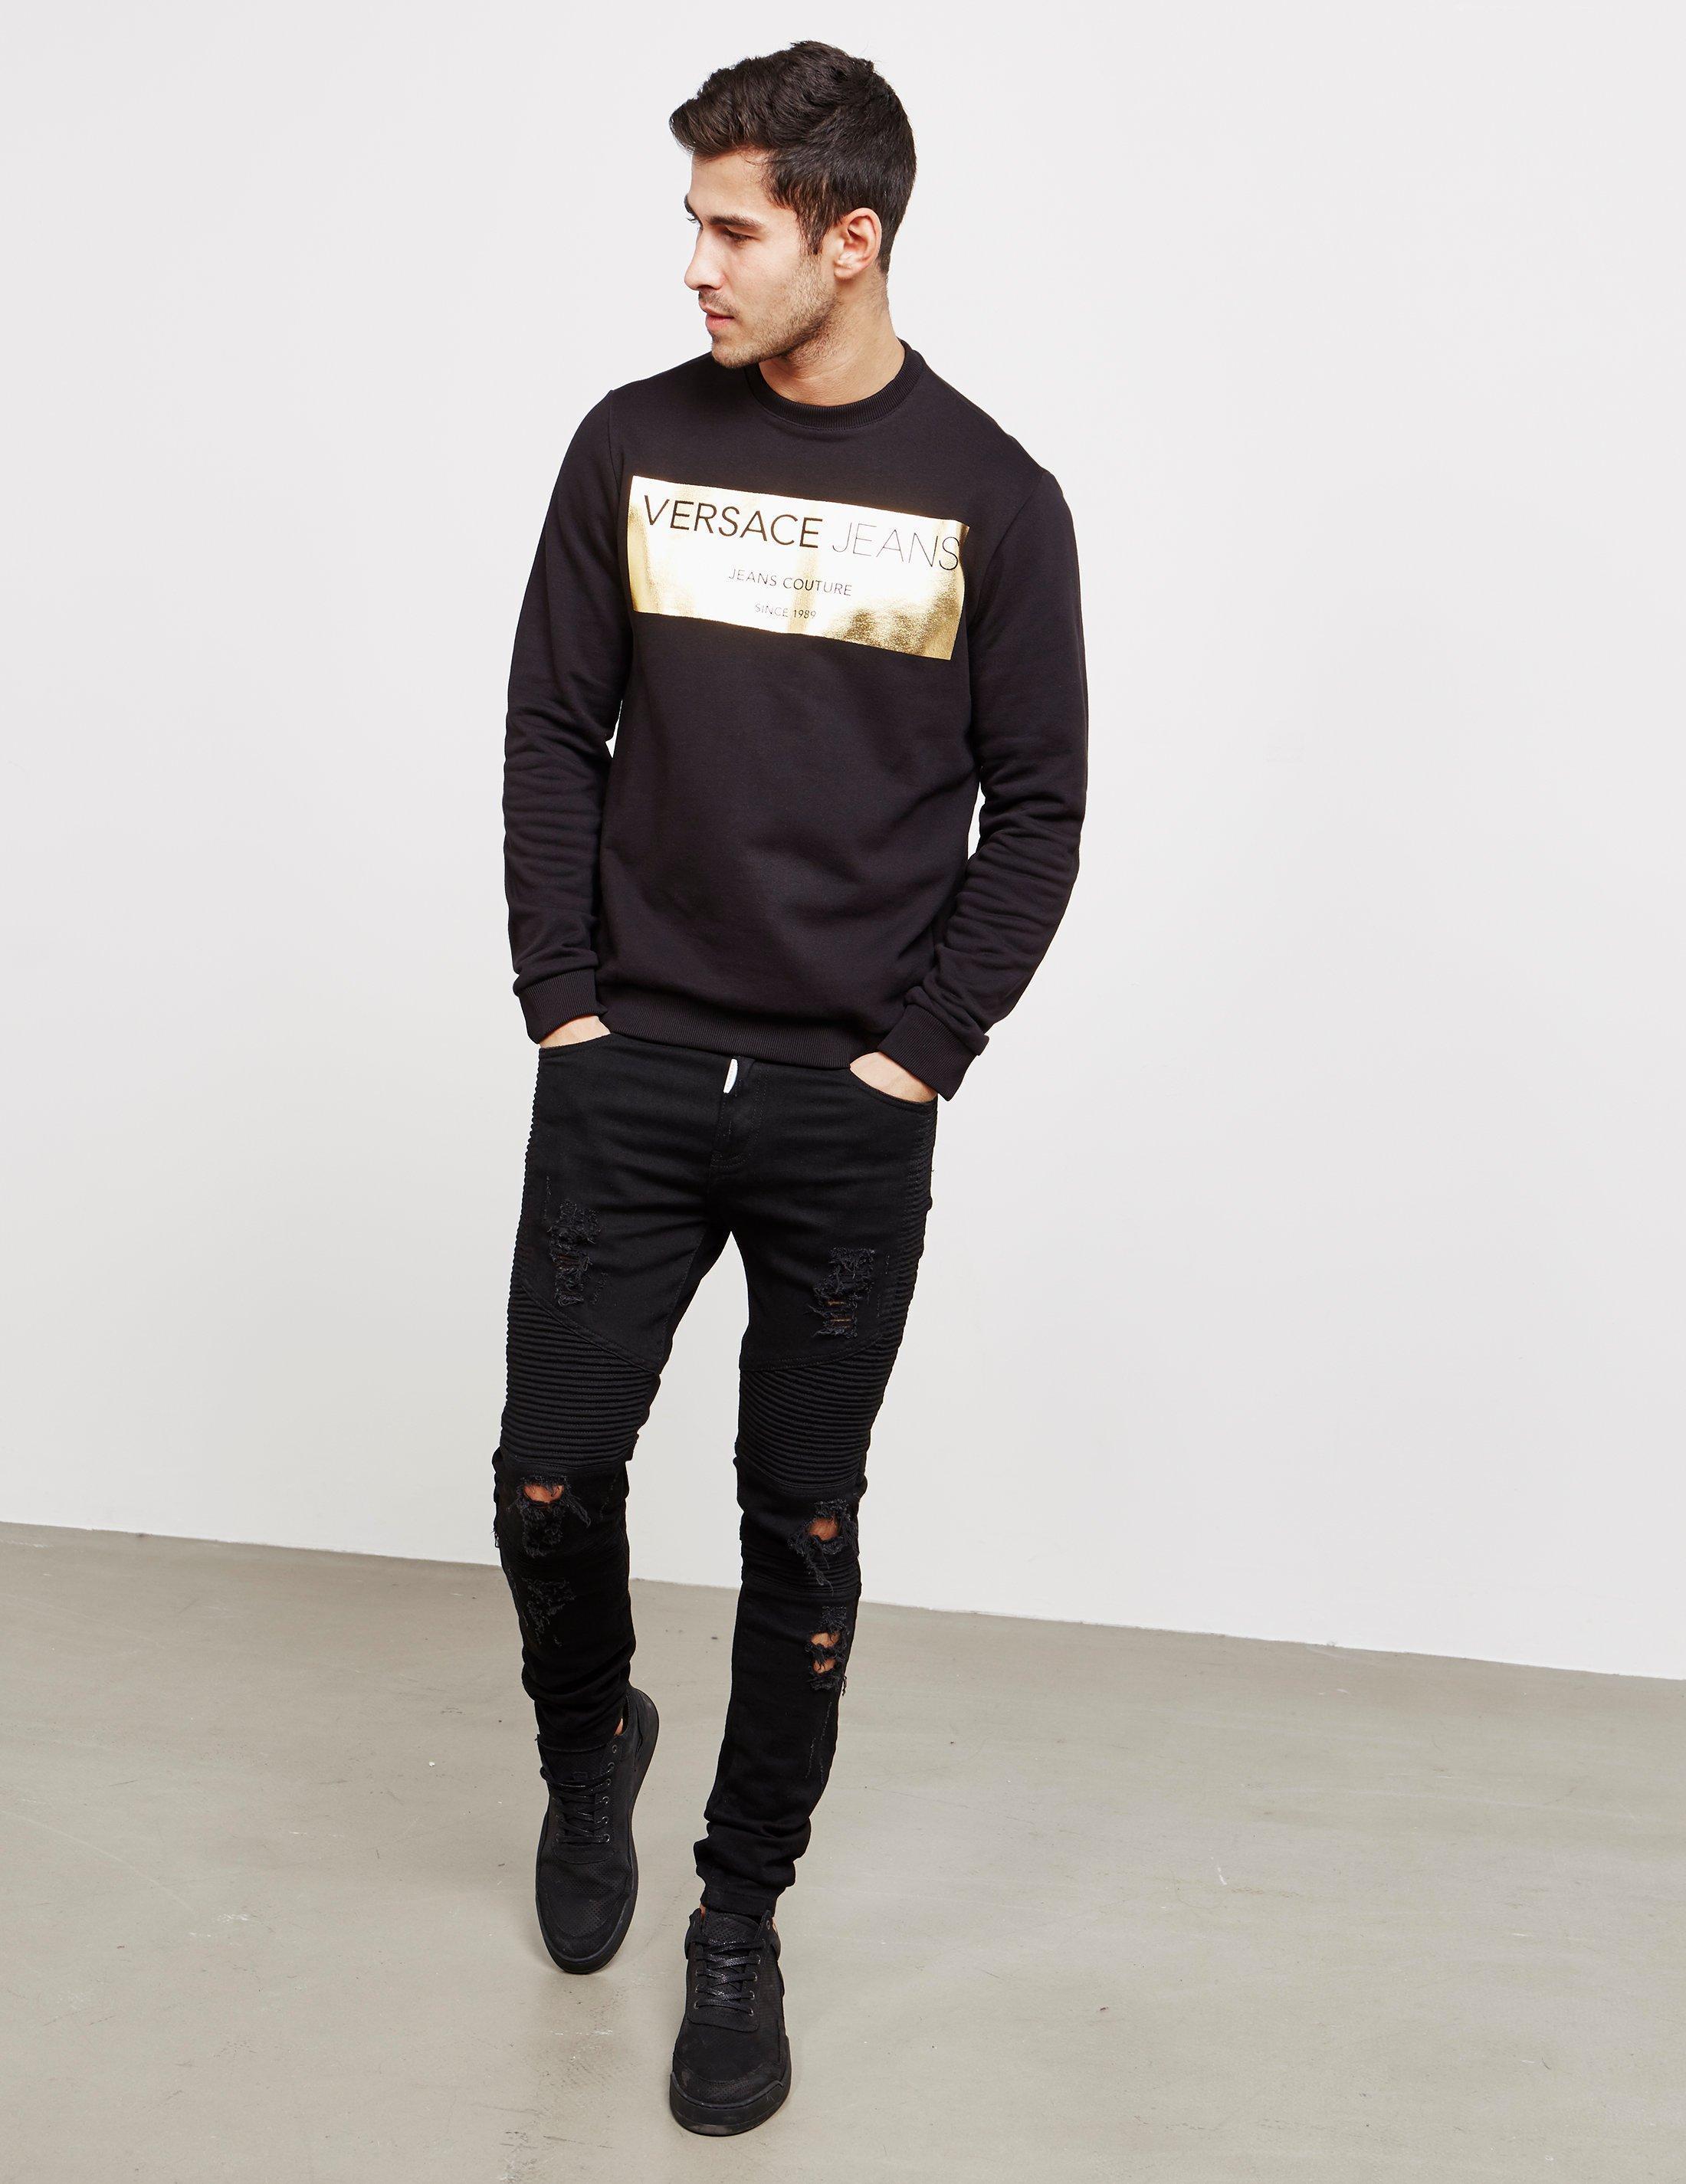 Versace Jeans Couture Denim Foil Square Sweatshirt Black for Men